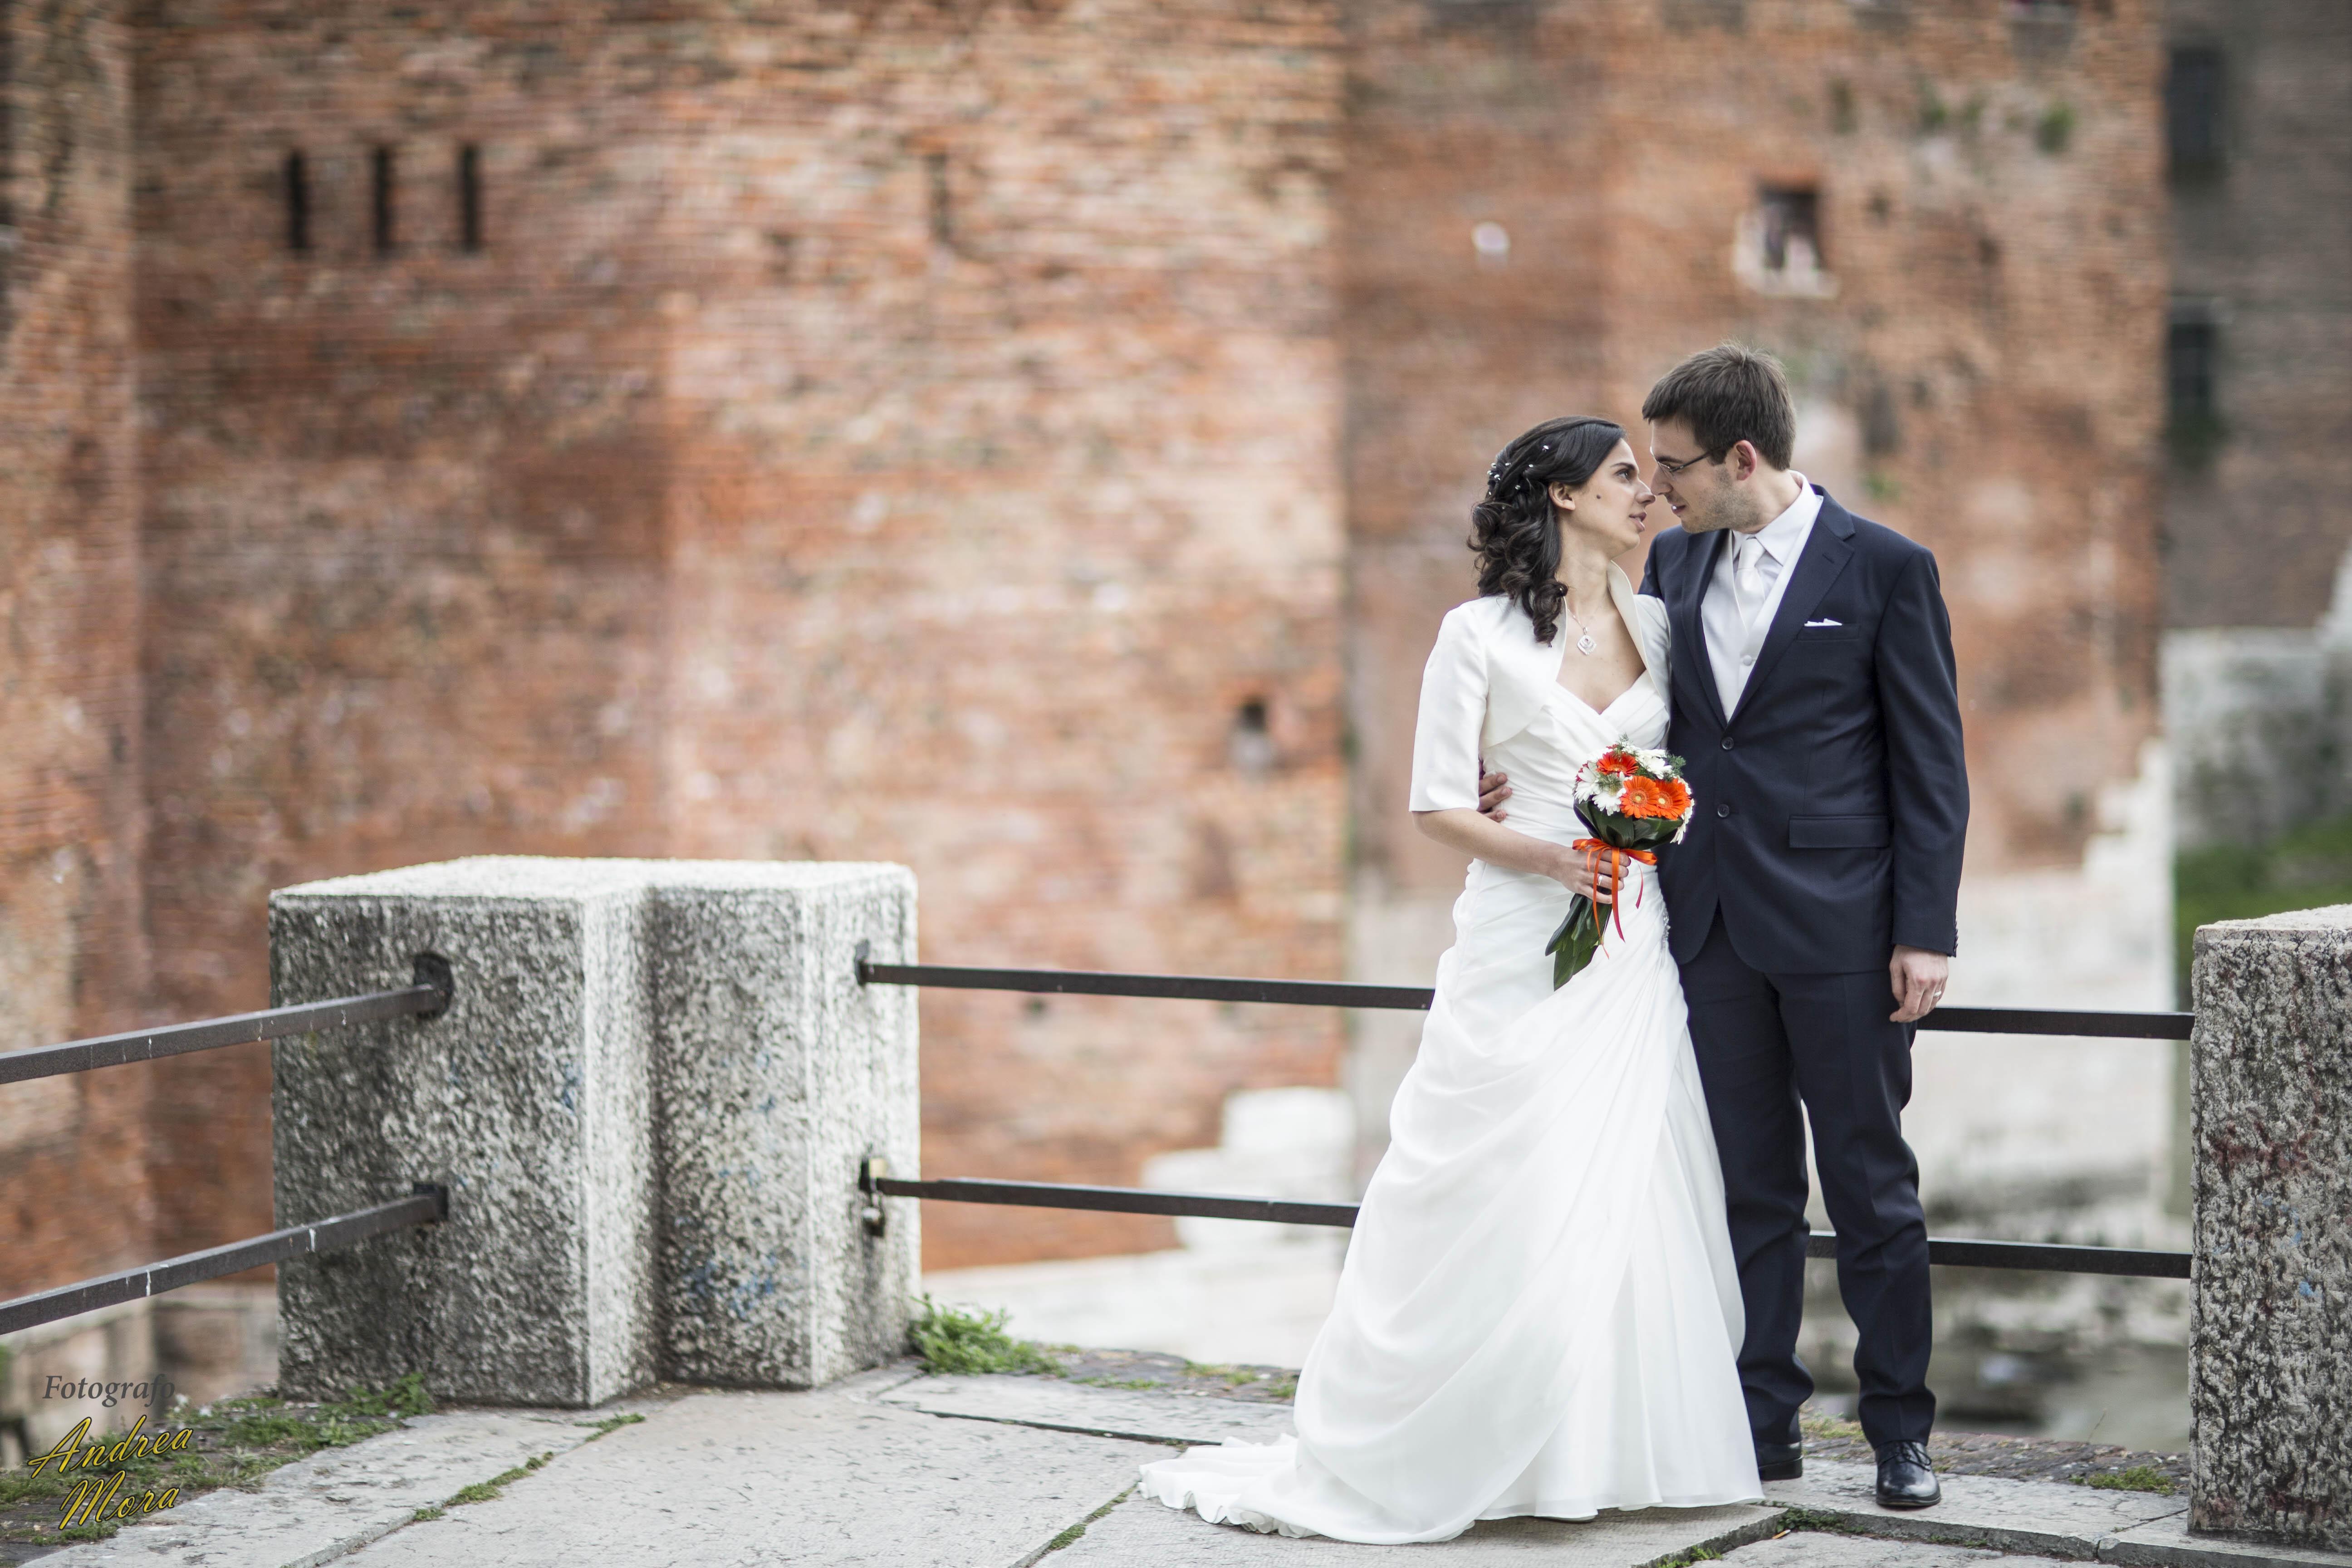 Matrimonio In Verona : Daniela sposi servizio fotografico verona e sirmione per